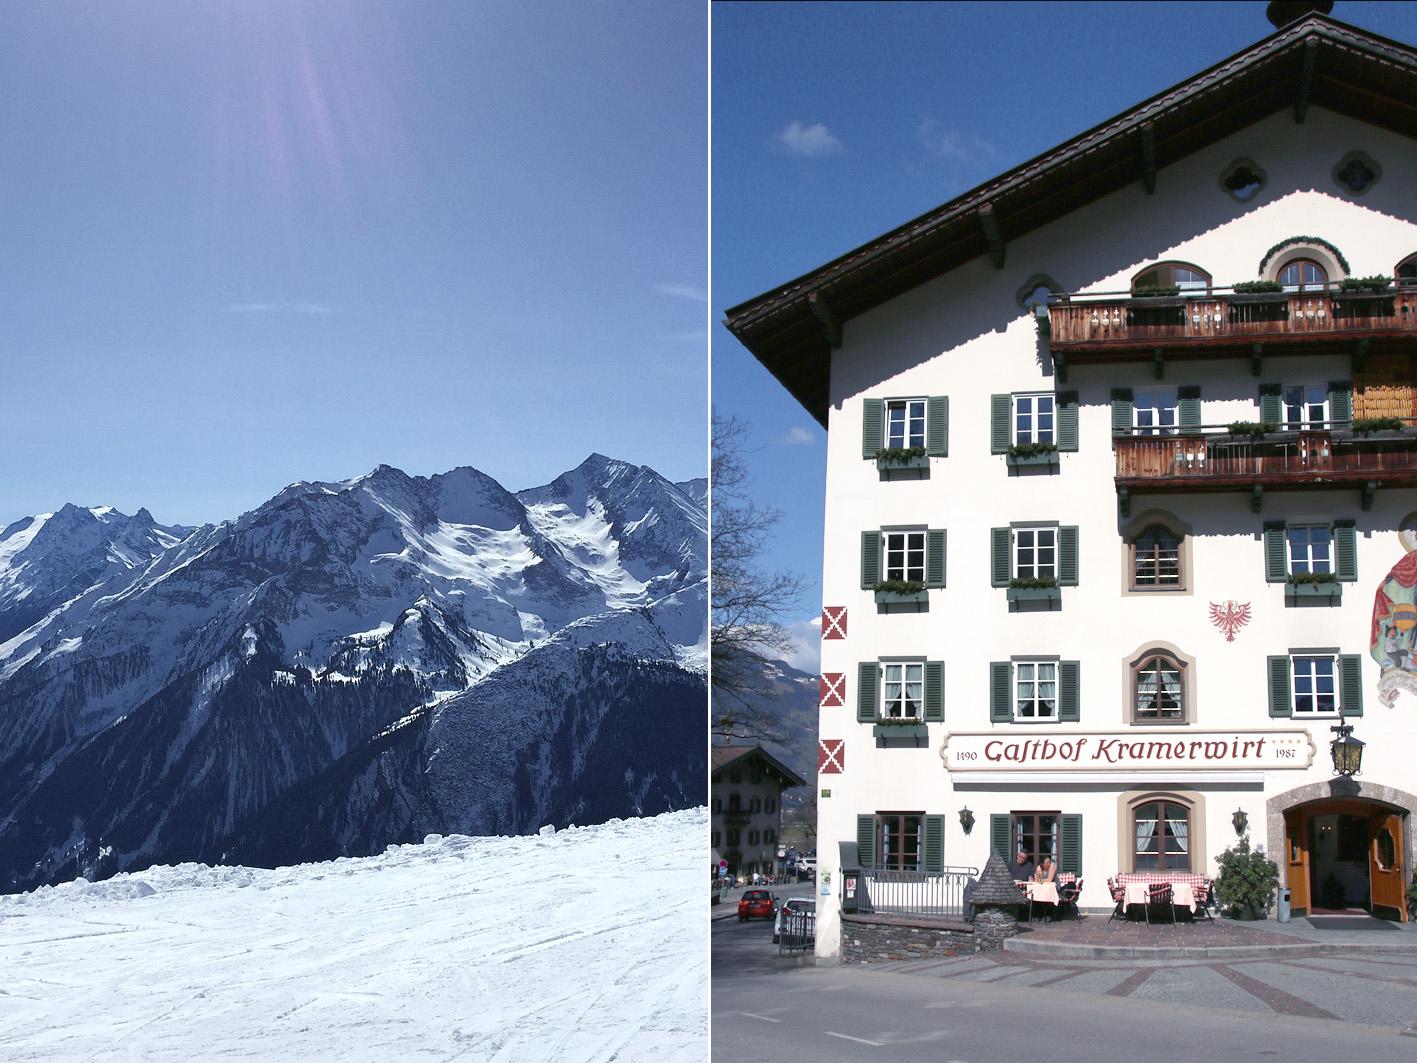 Mayrhofen im Zillertal